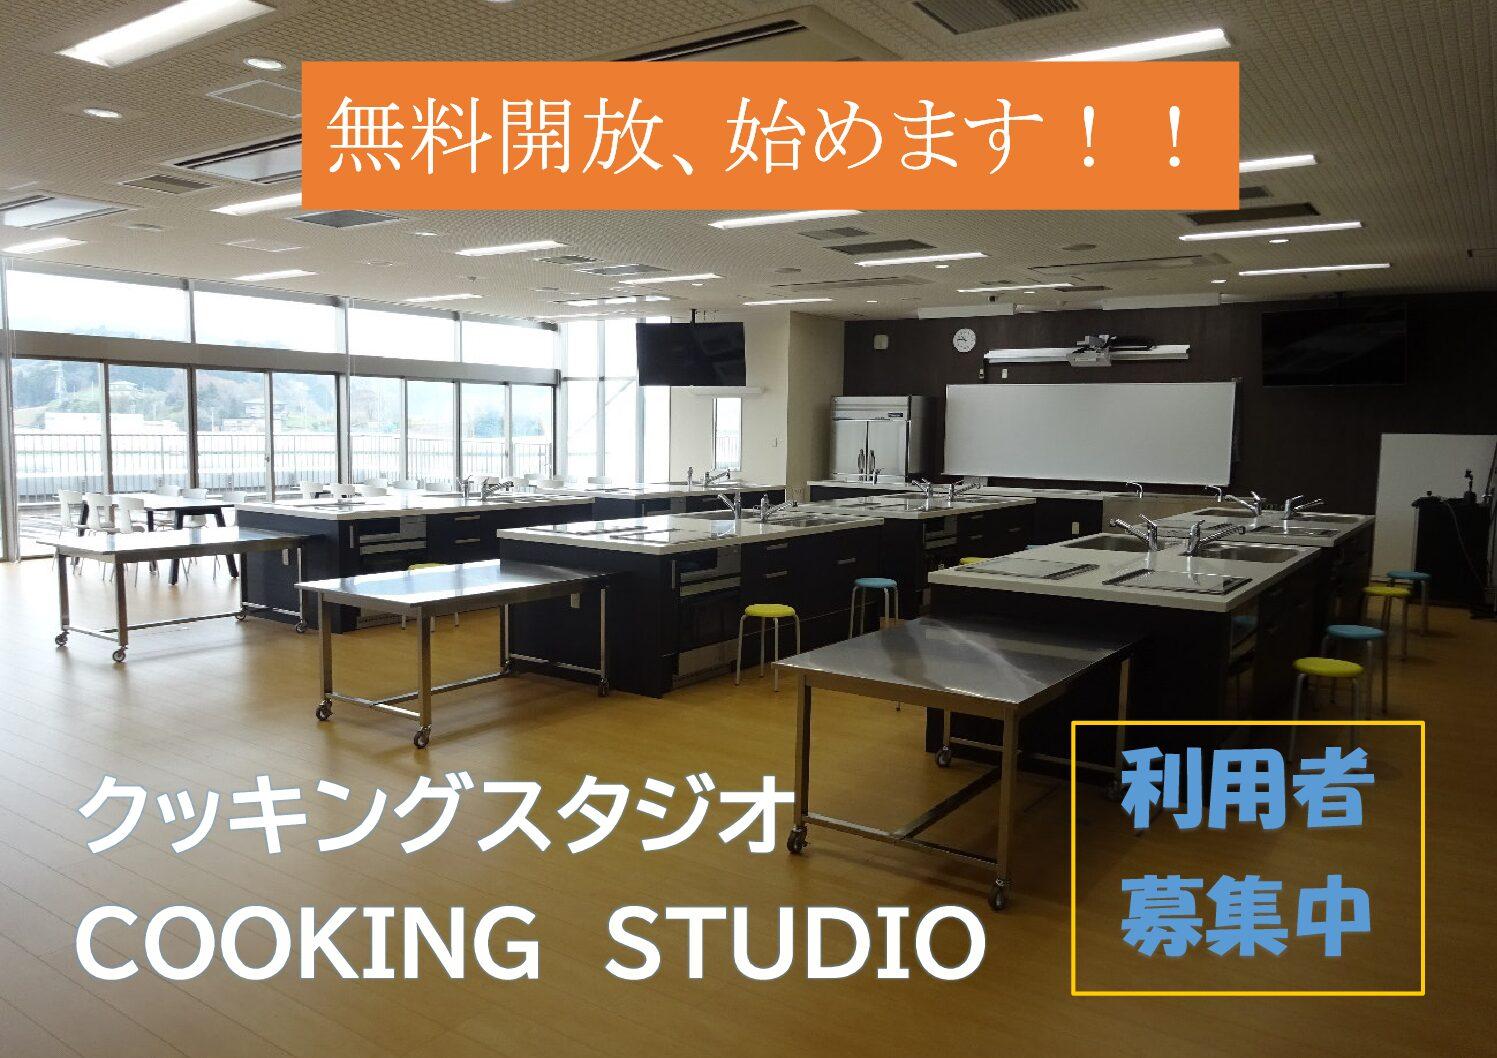 クッキングスタジオを無料開放します